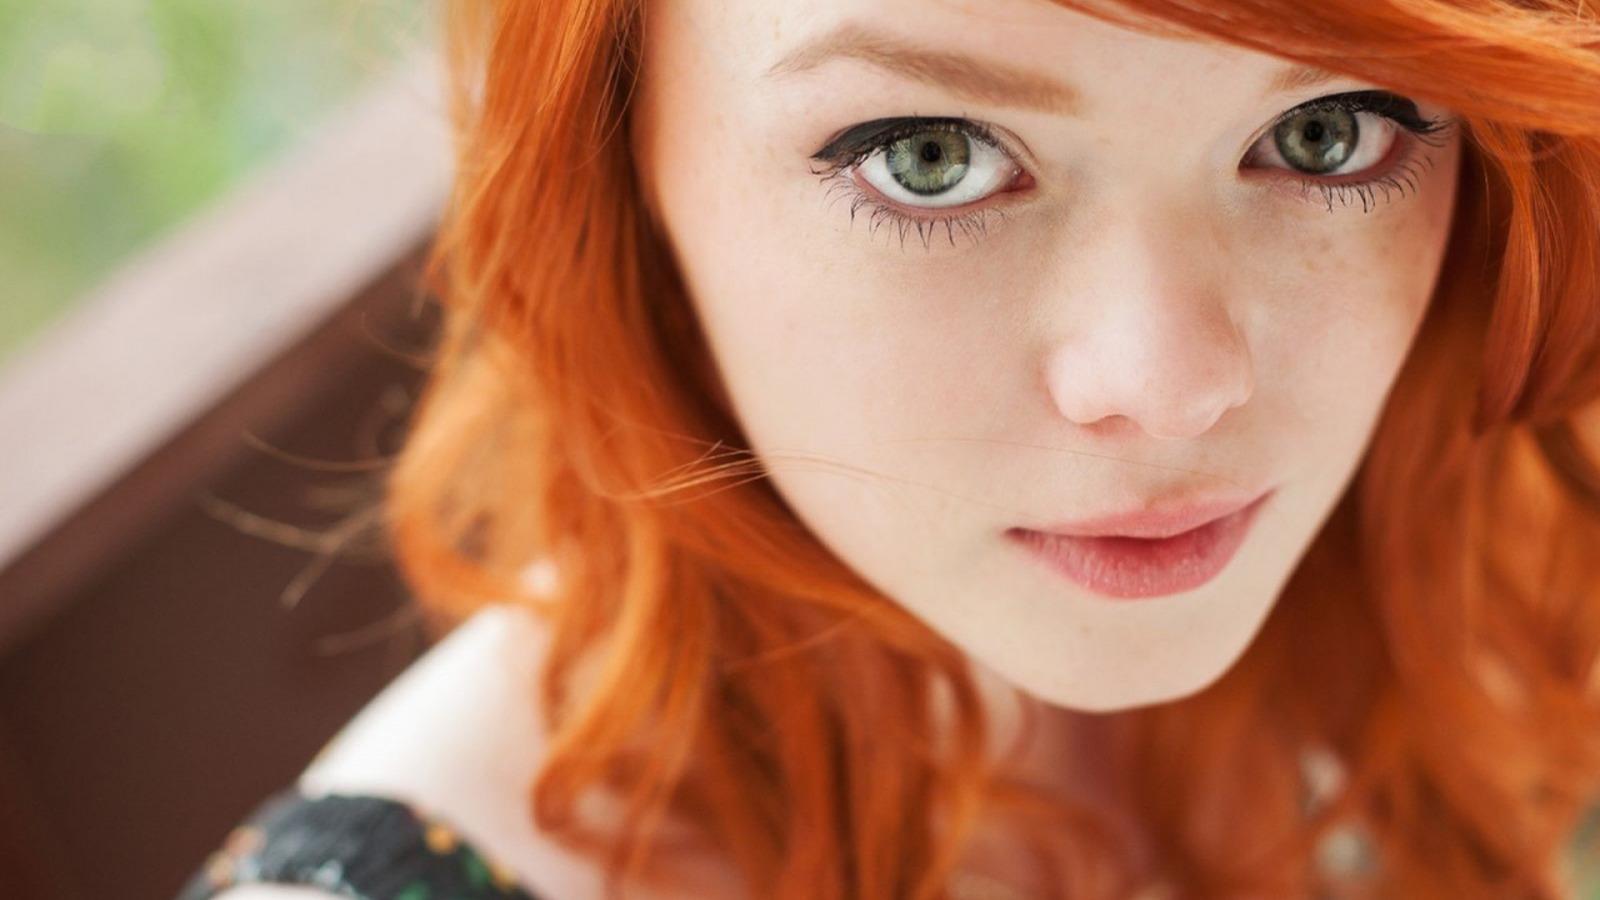 Лица рыжих девушек без макияжа